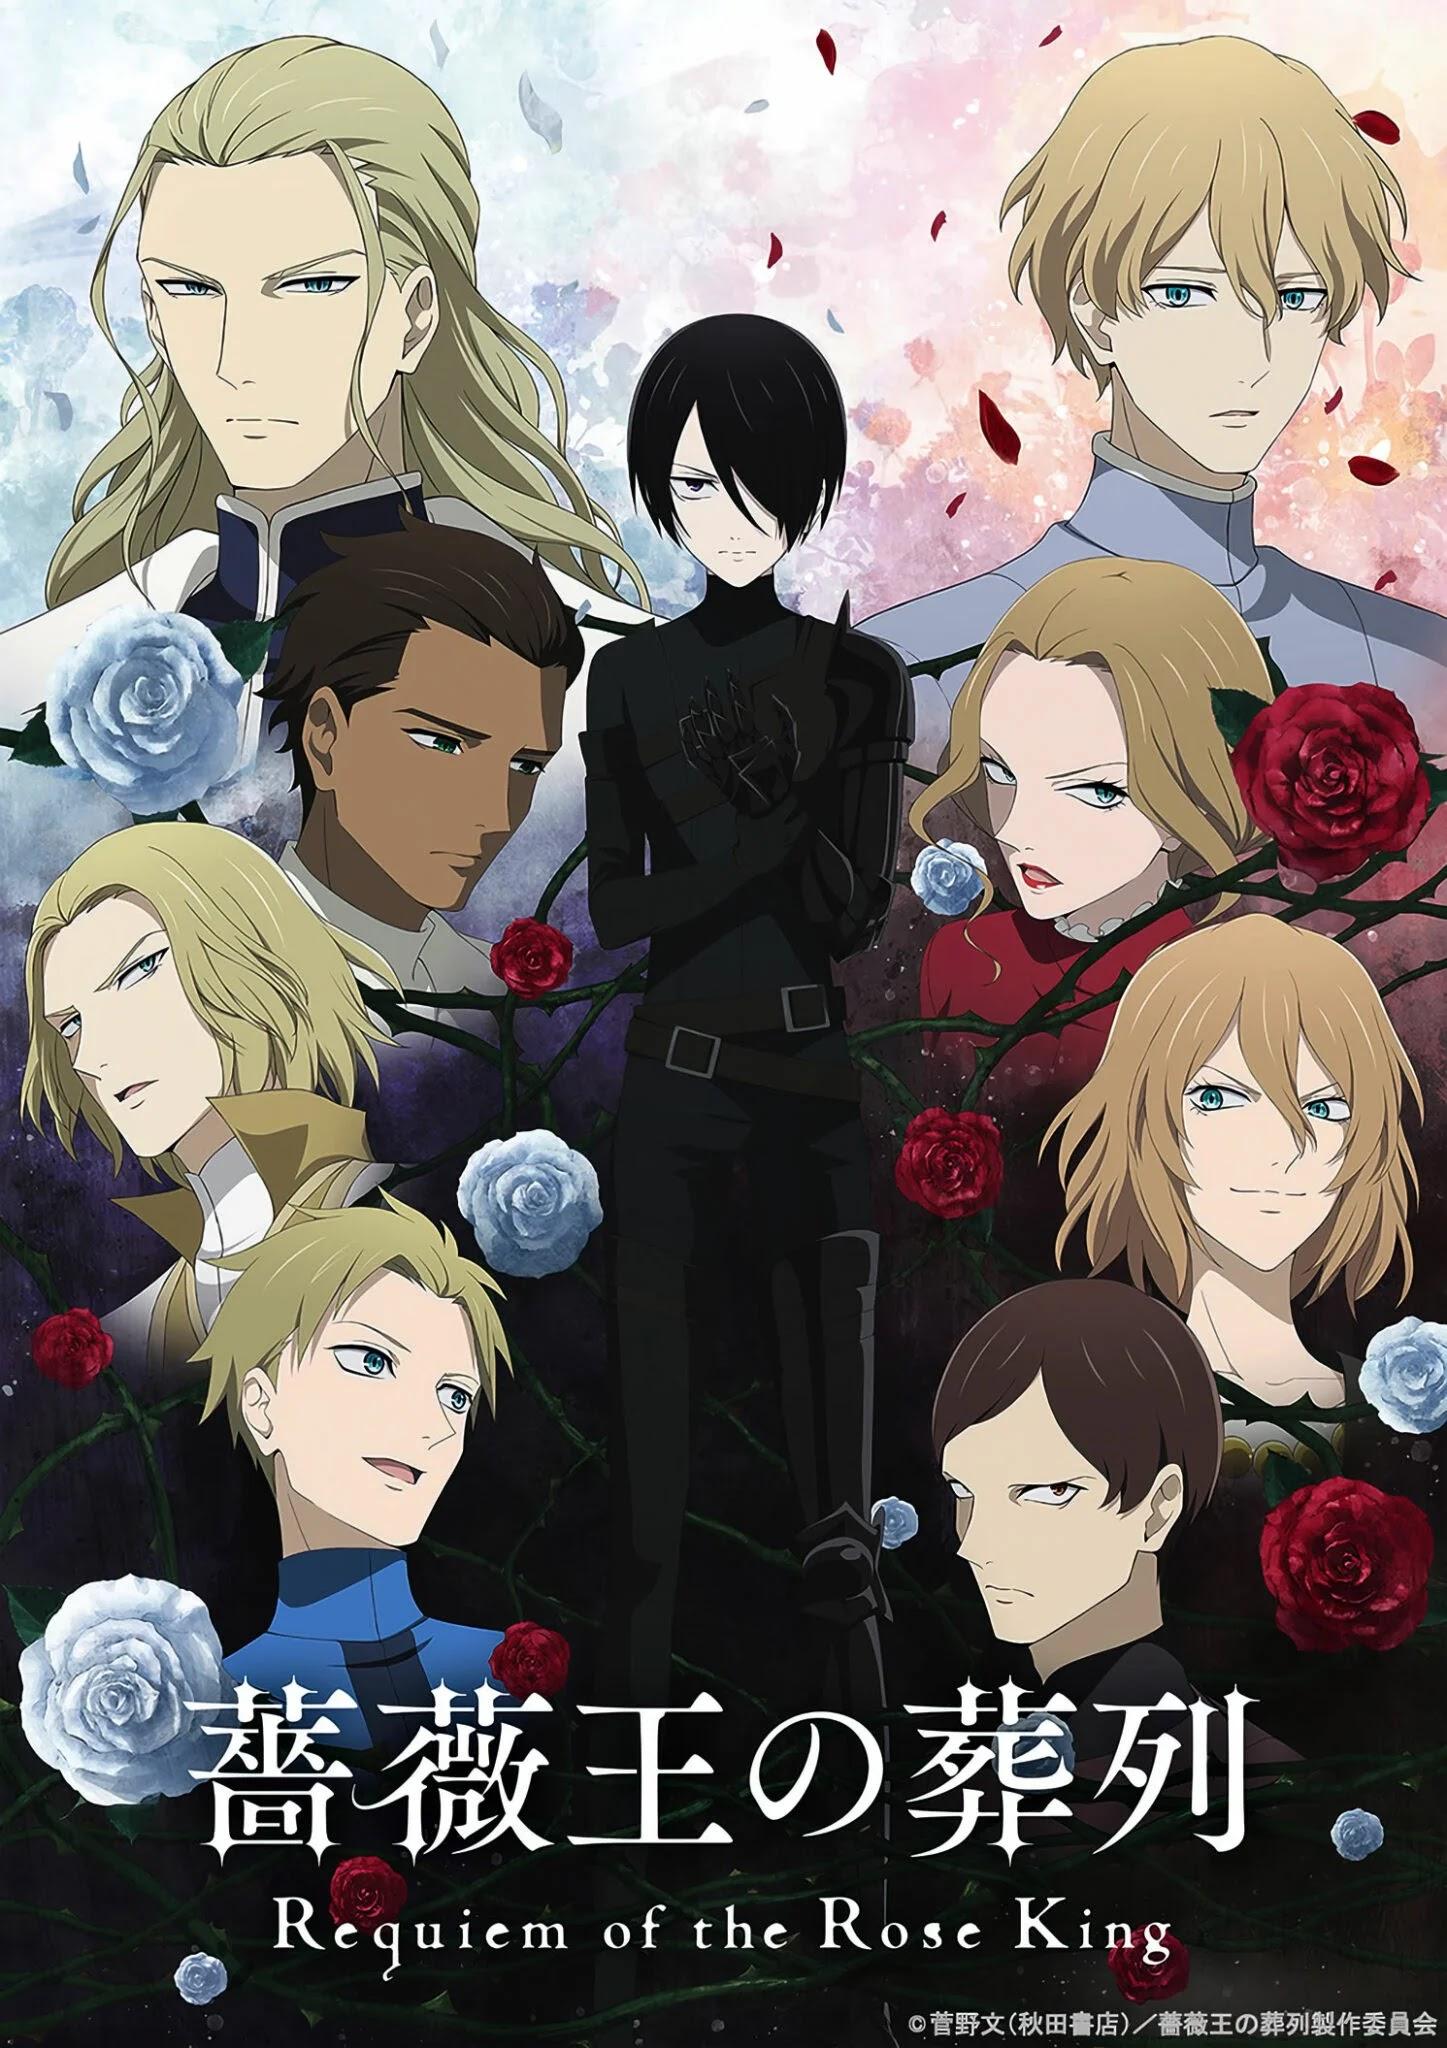 Anime Baraou no Souretsu revela novo Vídeo Promocional e novo Visual